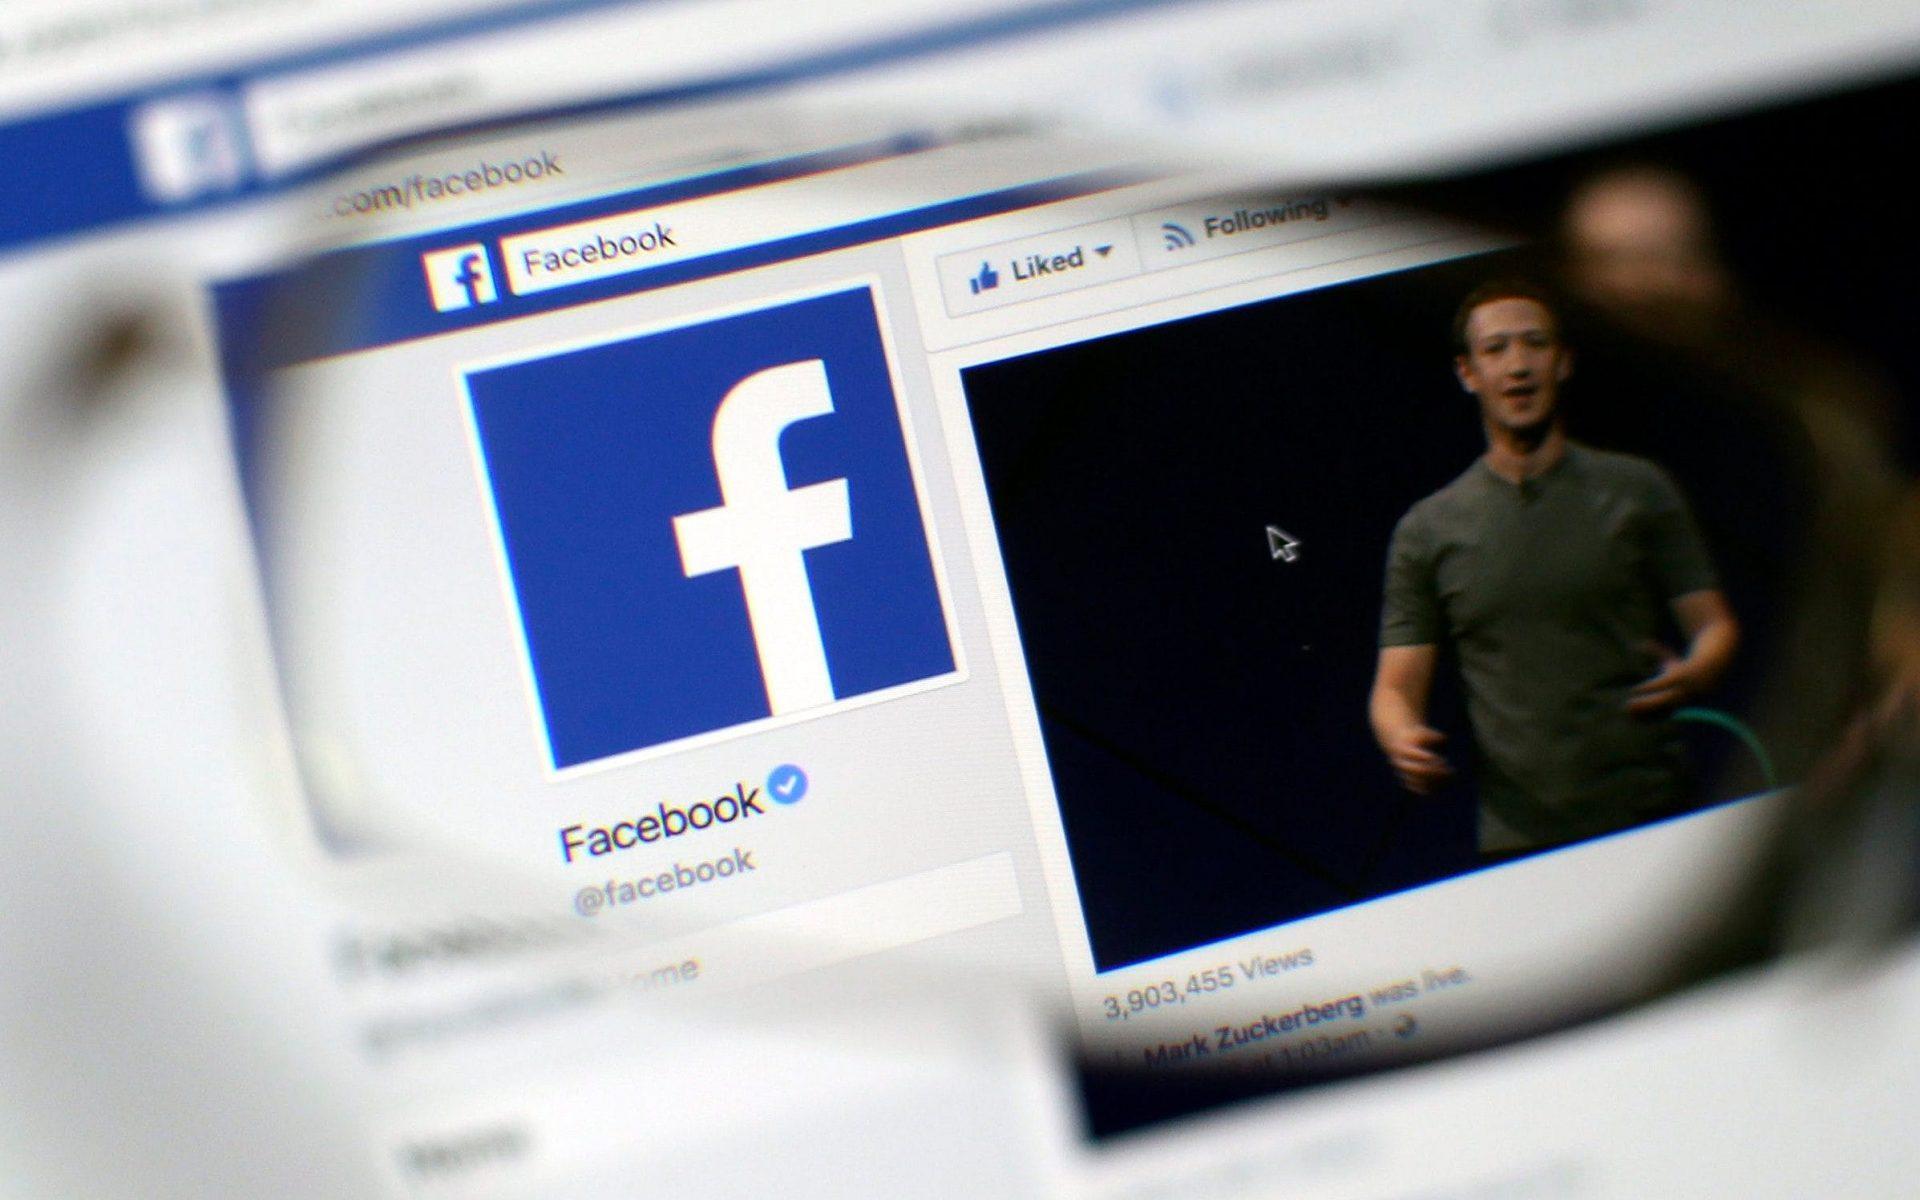 Facebook vrea libertate de exprimare, dar nu pentru toată lumea: angajații critici și sindicaliștii, pe lista neagră